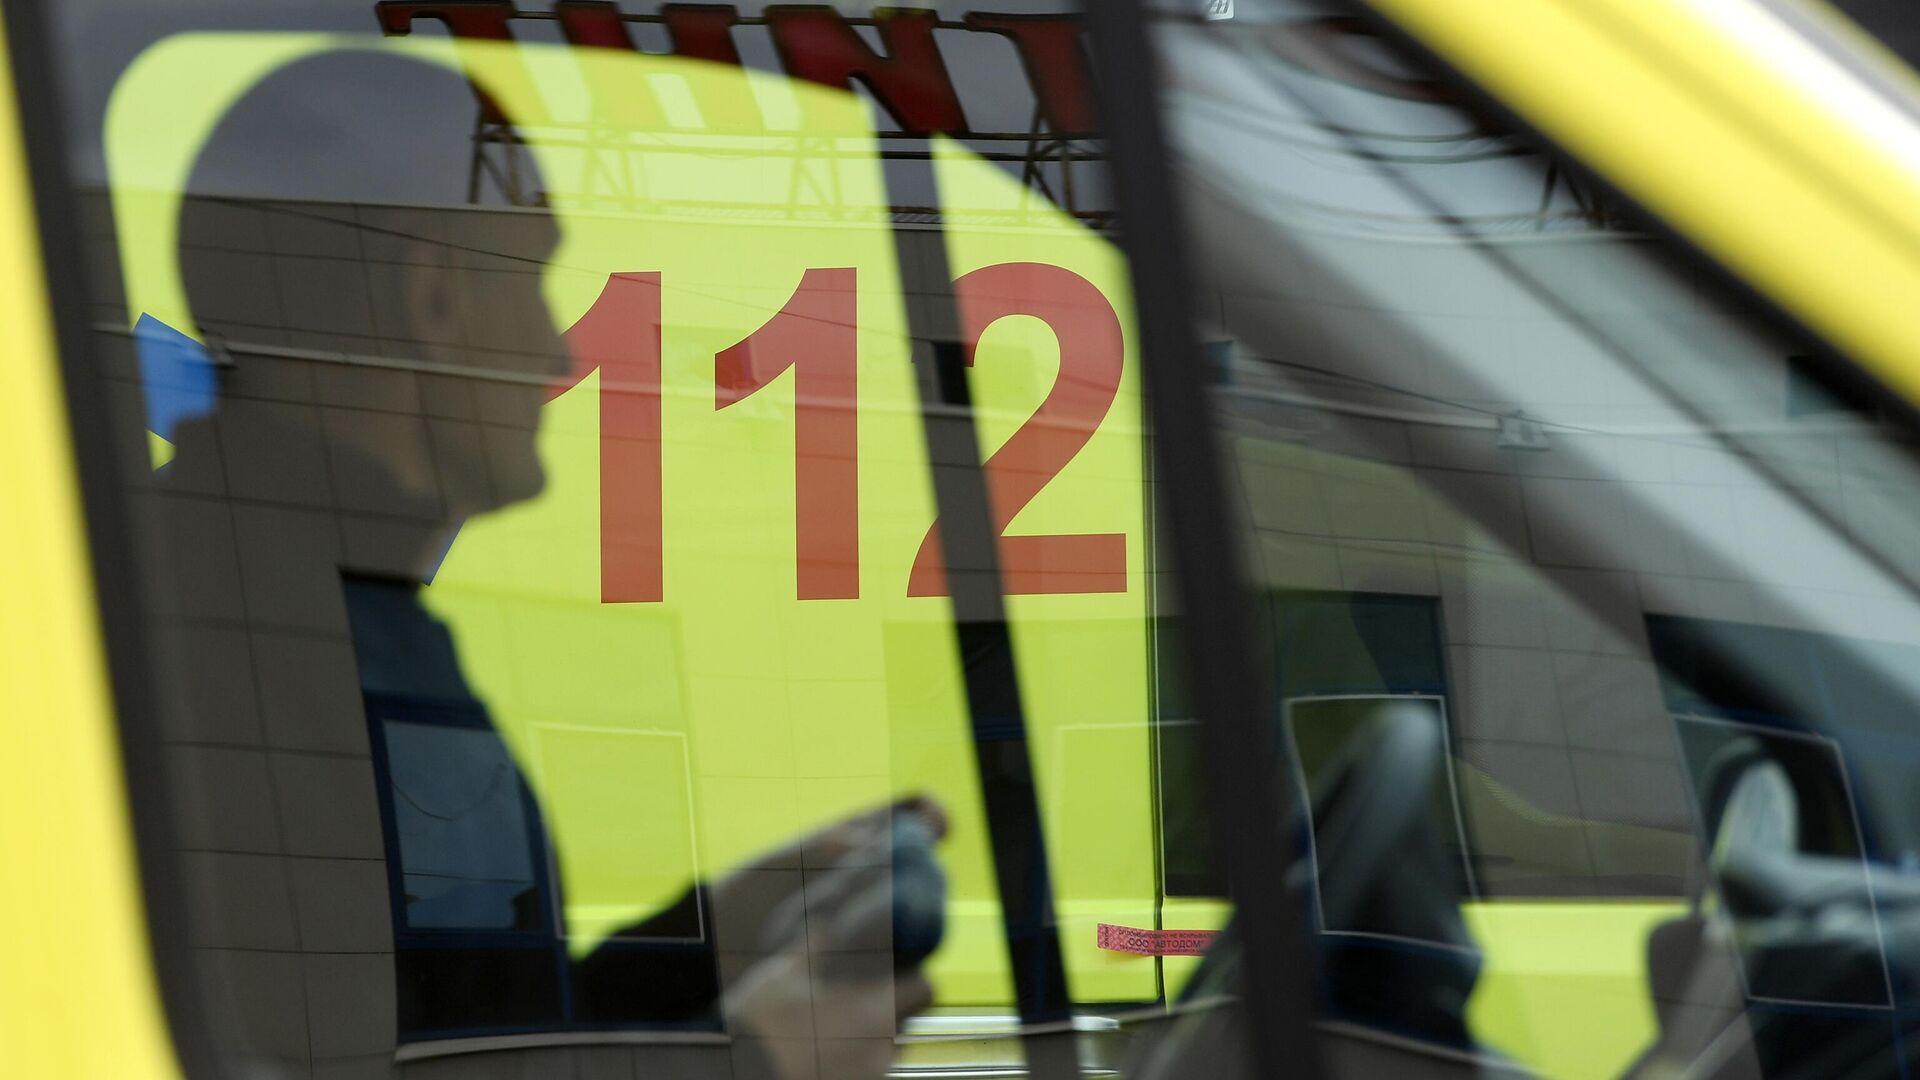 Шесть человек пострадали в результате взрыва газа в доме под Ельцом